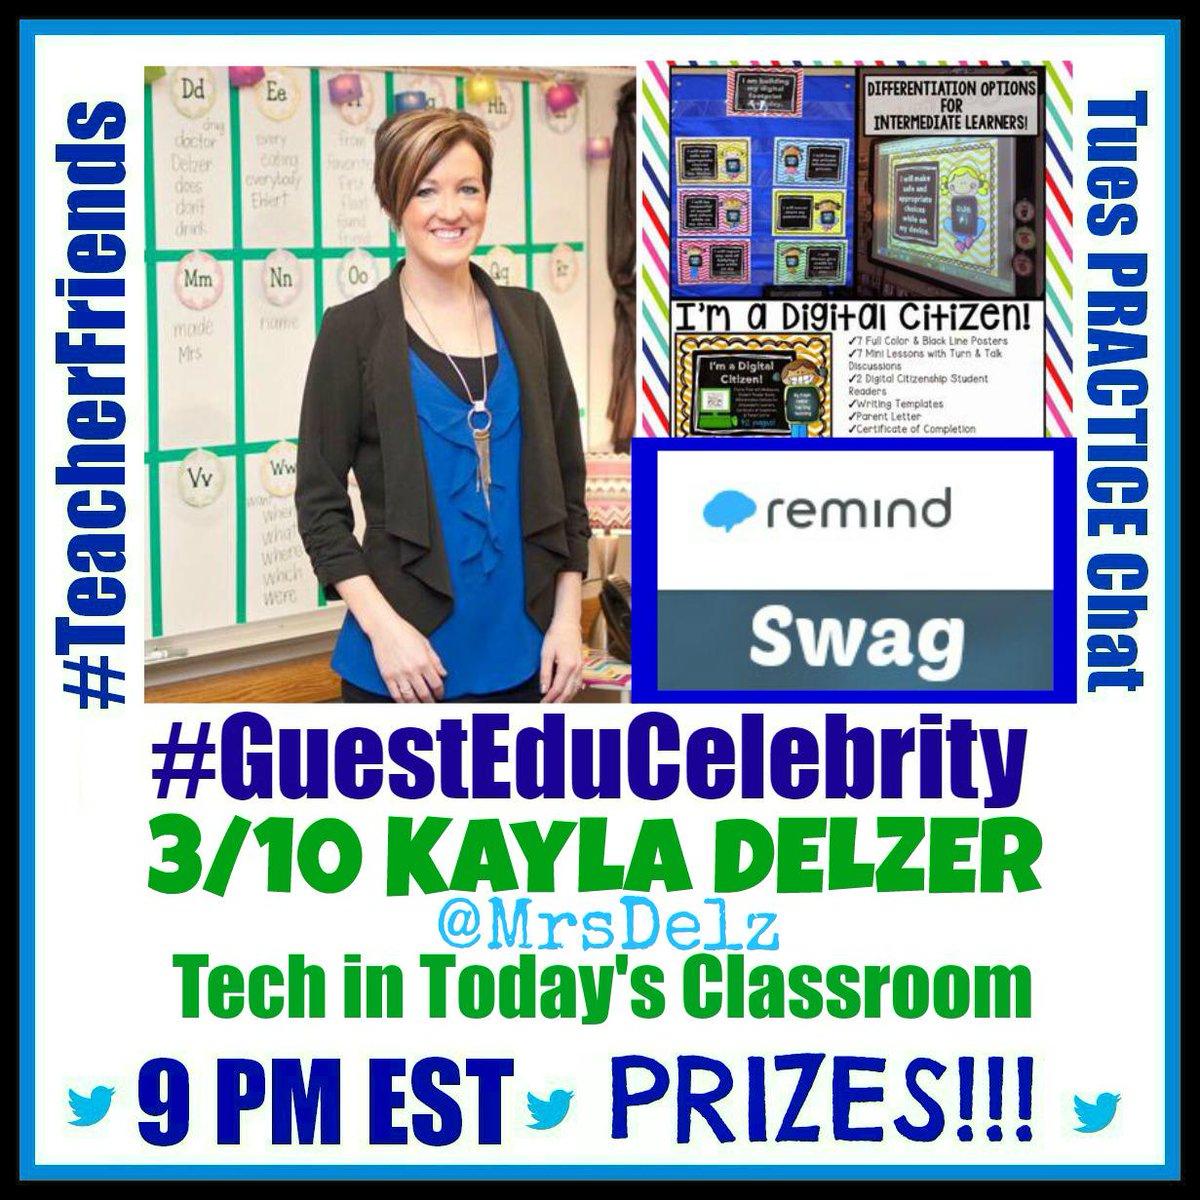 #TeacherFriends Next 3/10 we focus on #Technology in the classroom w @MrsDelz + @RemindHQ Please Retweet! http://t.co/yhLlmRpOki